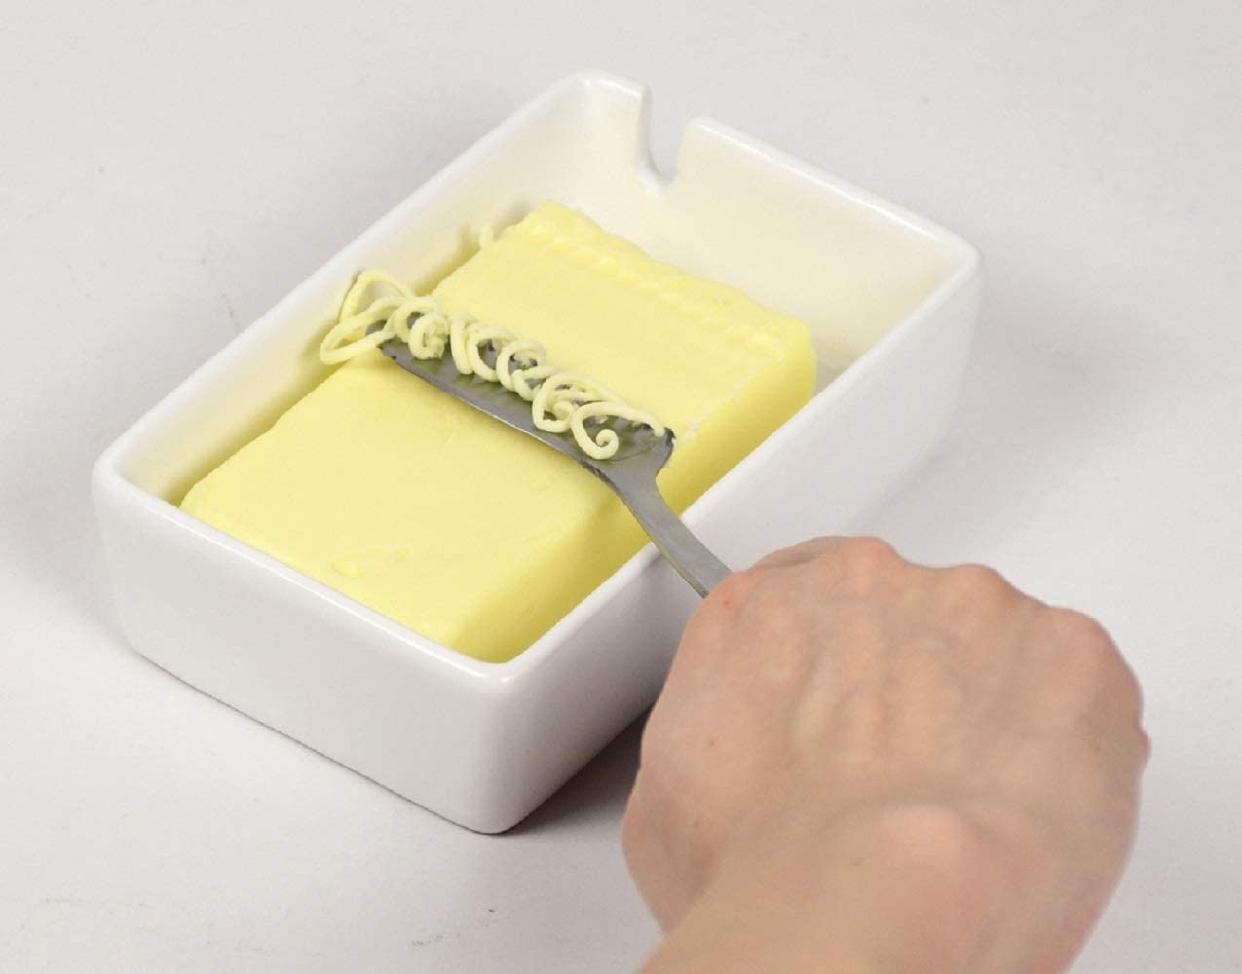 GADGETCON(ガジェコン)CC-1251 バターカーラーナイフ シルバーの商品画像3